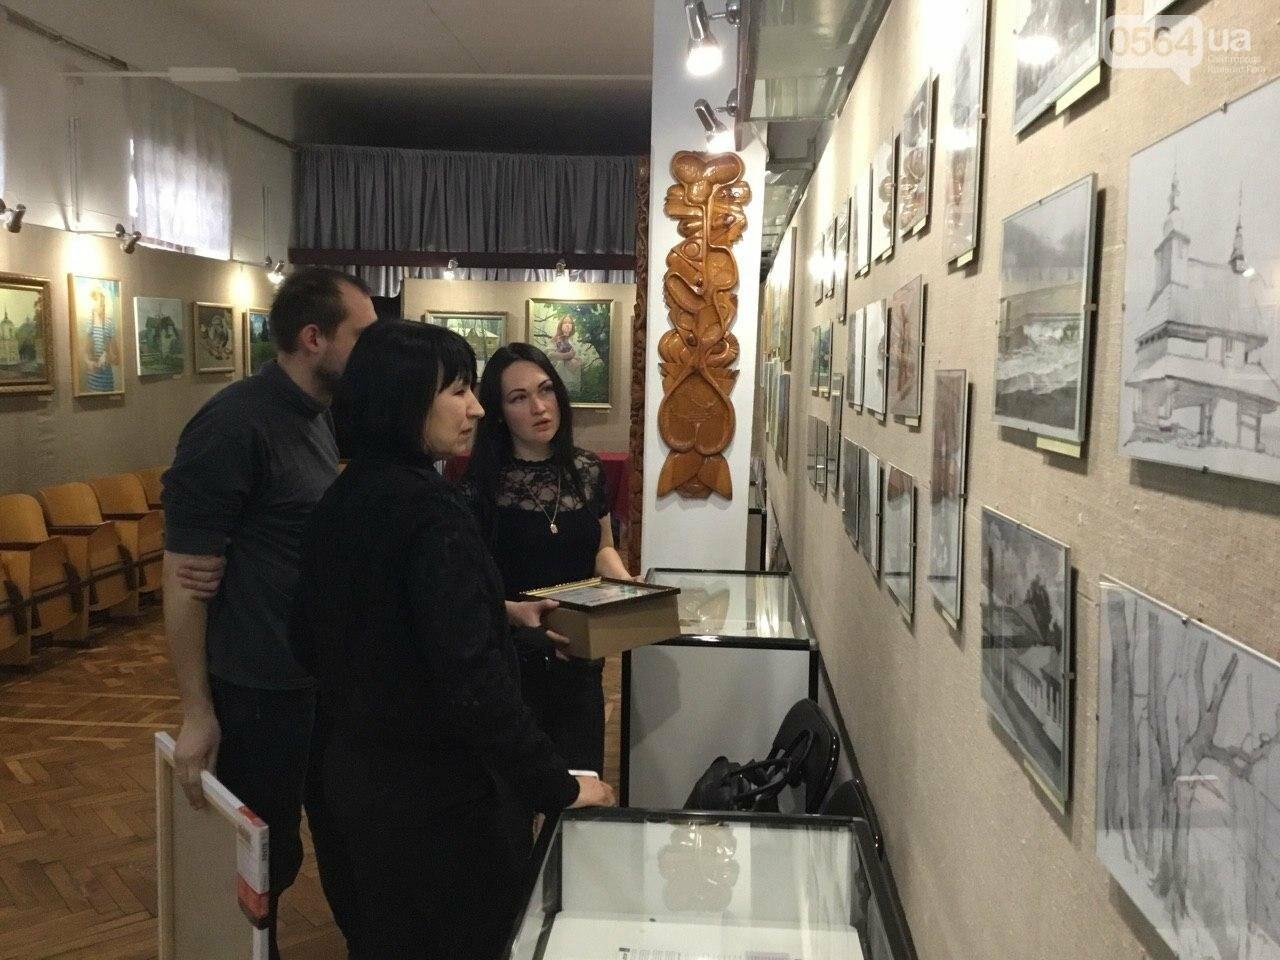 """В криворожском музее открылась художественная выставка """"Траектория творчества"""", - ФОТО, ВИДЕО, фото-1"""